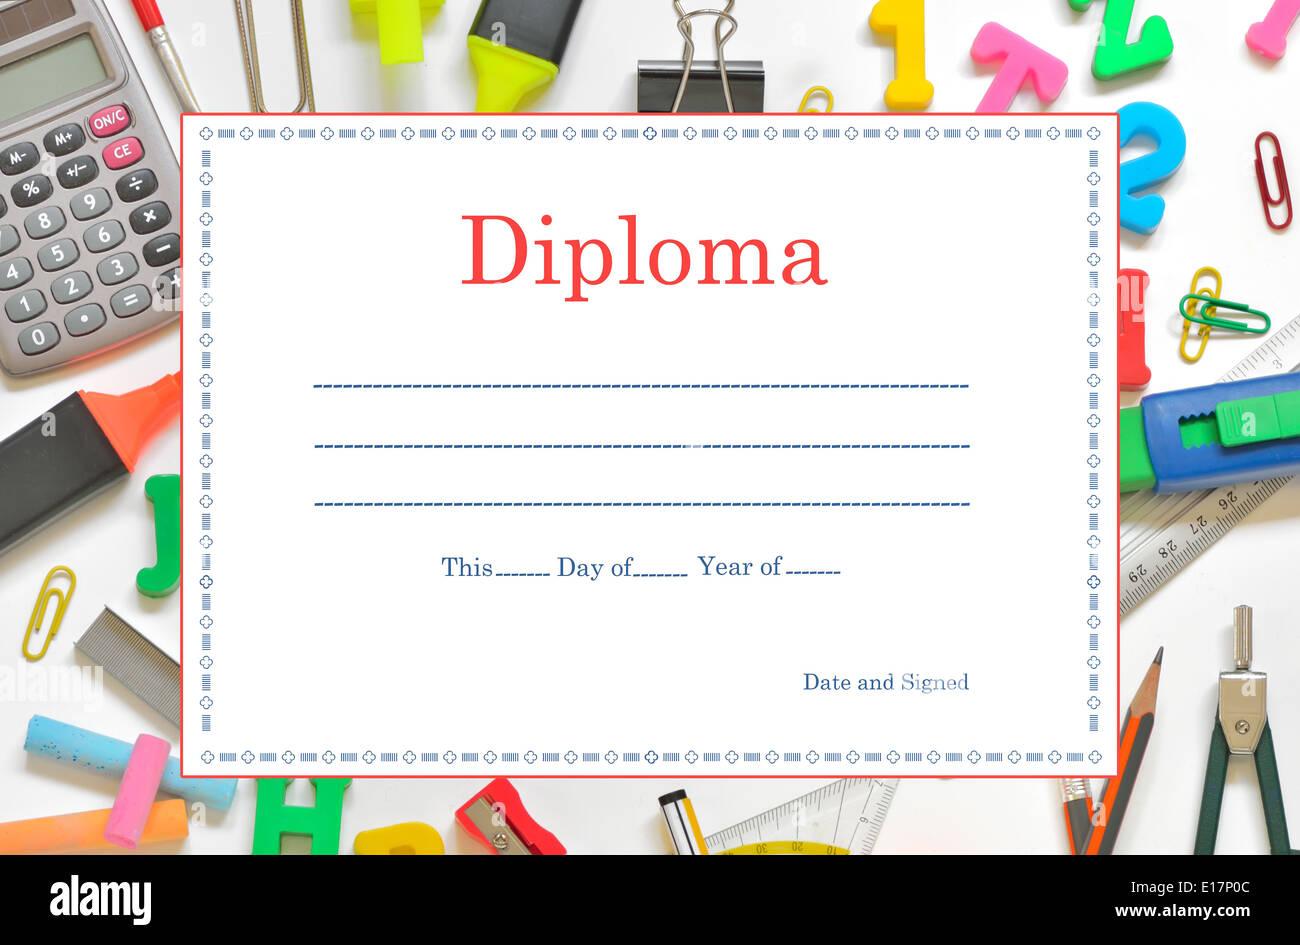 Award Certificate Template Imágenes De Stock & Award Certificate ...